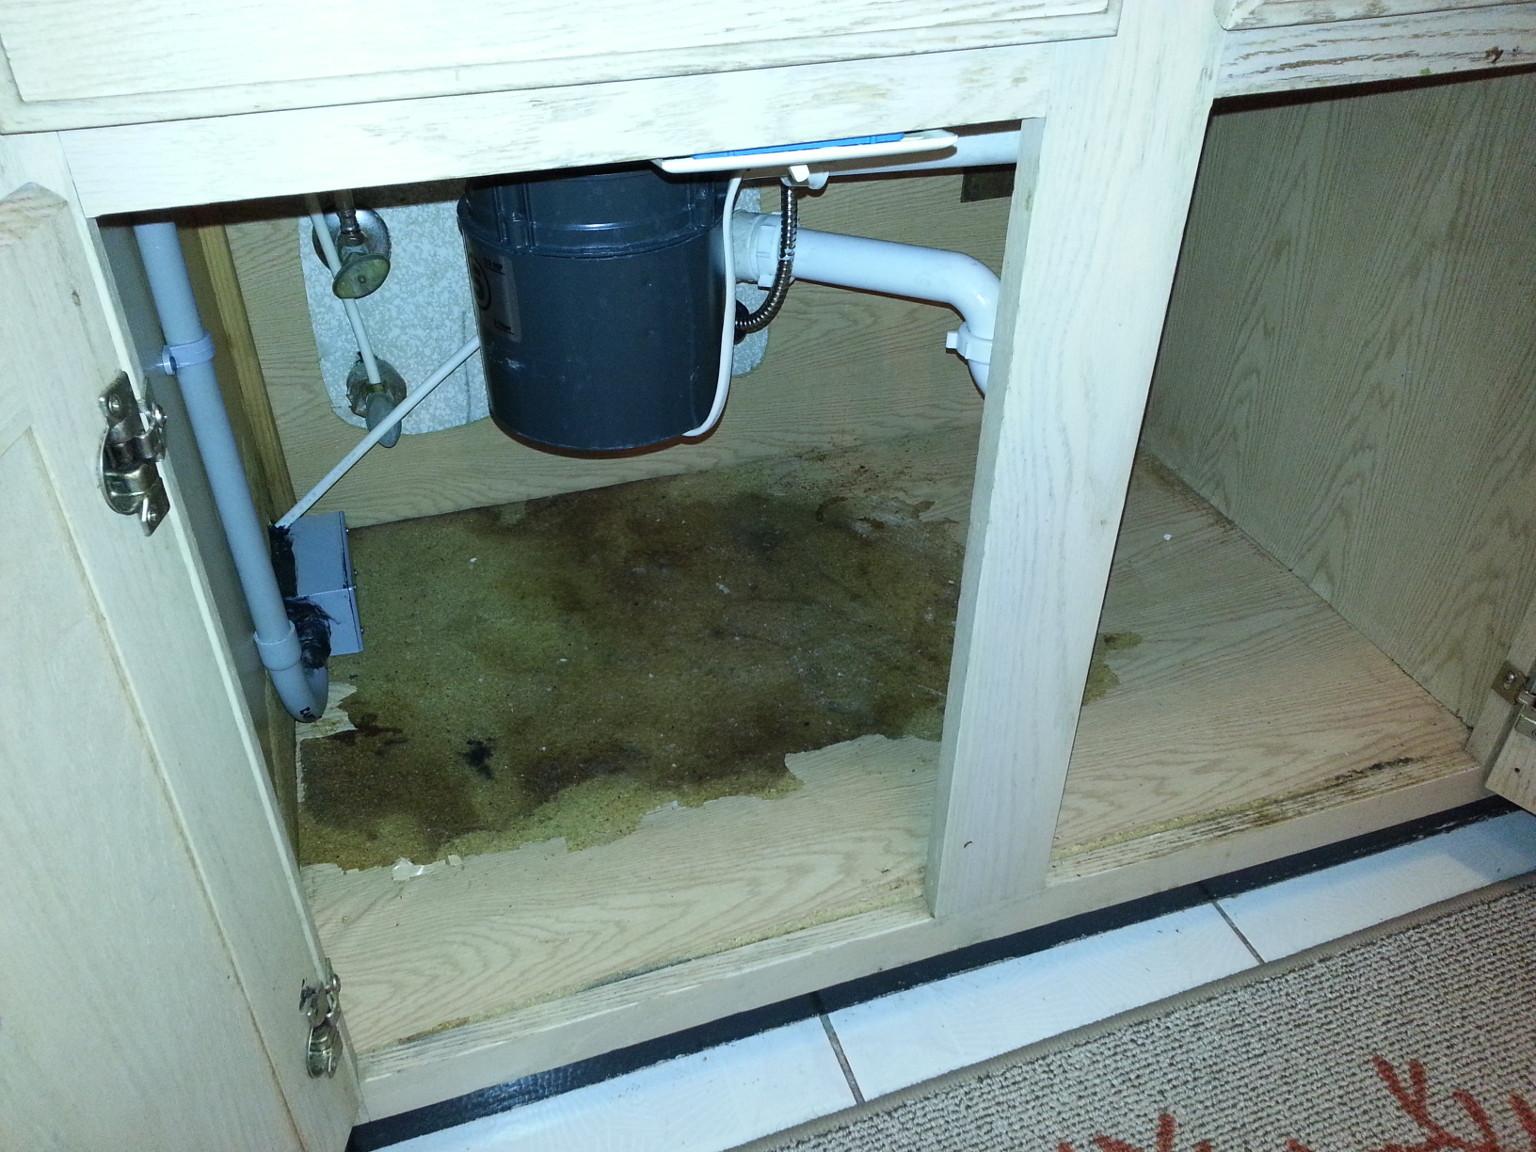 Water Damage: Water Damage Under Kitchen Sink